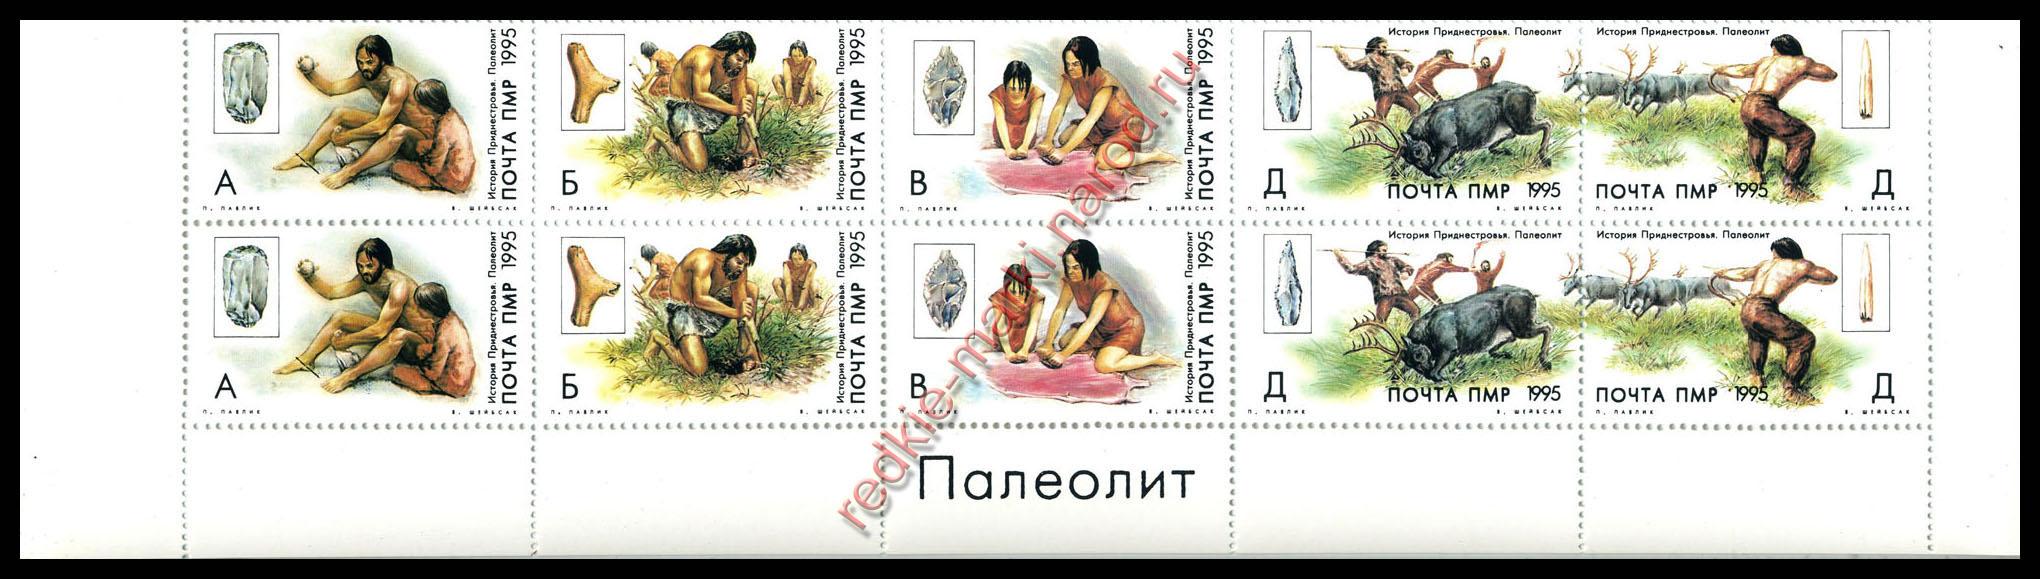 Пмр история приднестровья палеолит